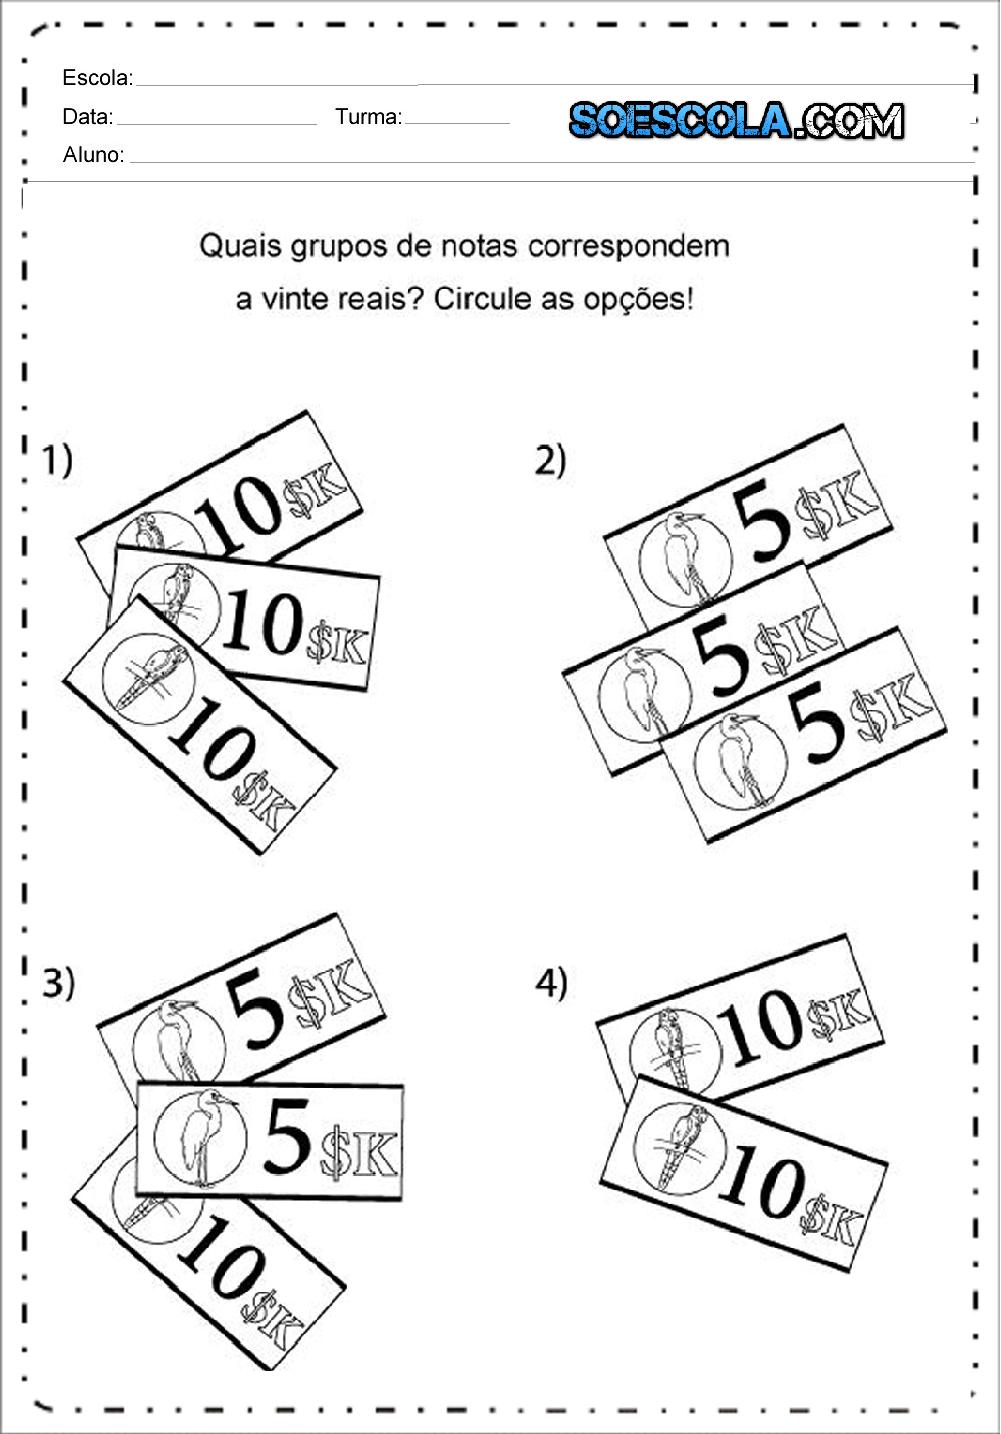 Populares Atividades com Sistema Monetário - Para Imprimir: Atividades de  NW62